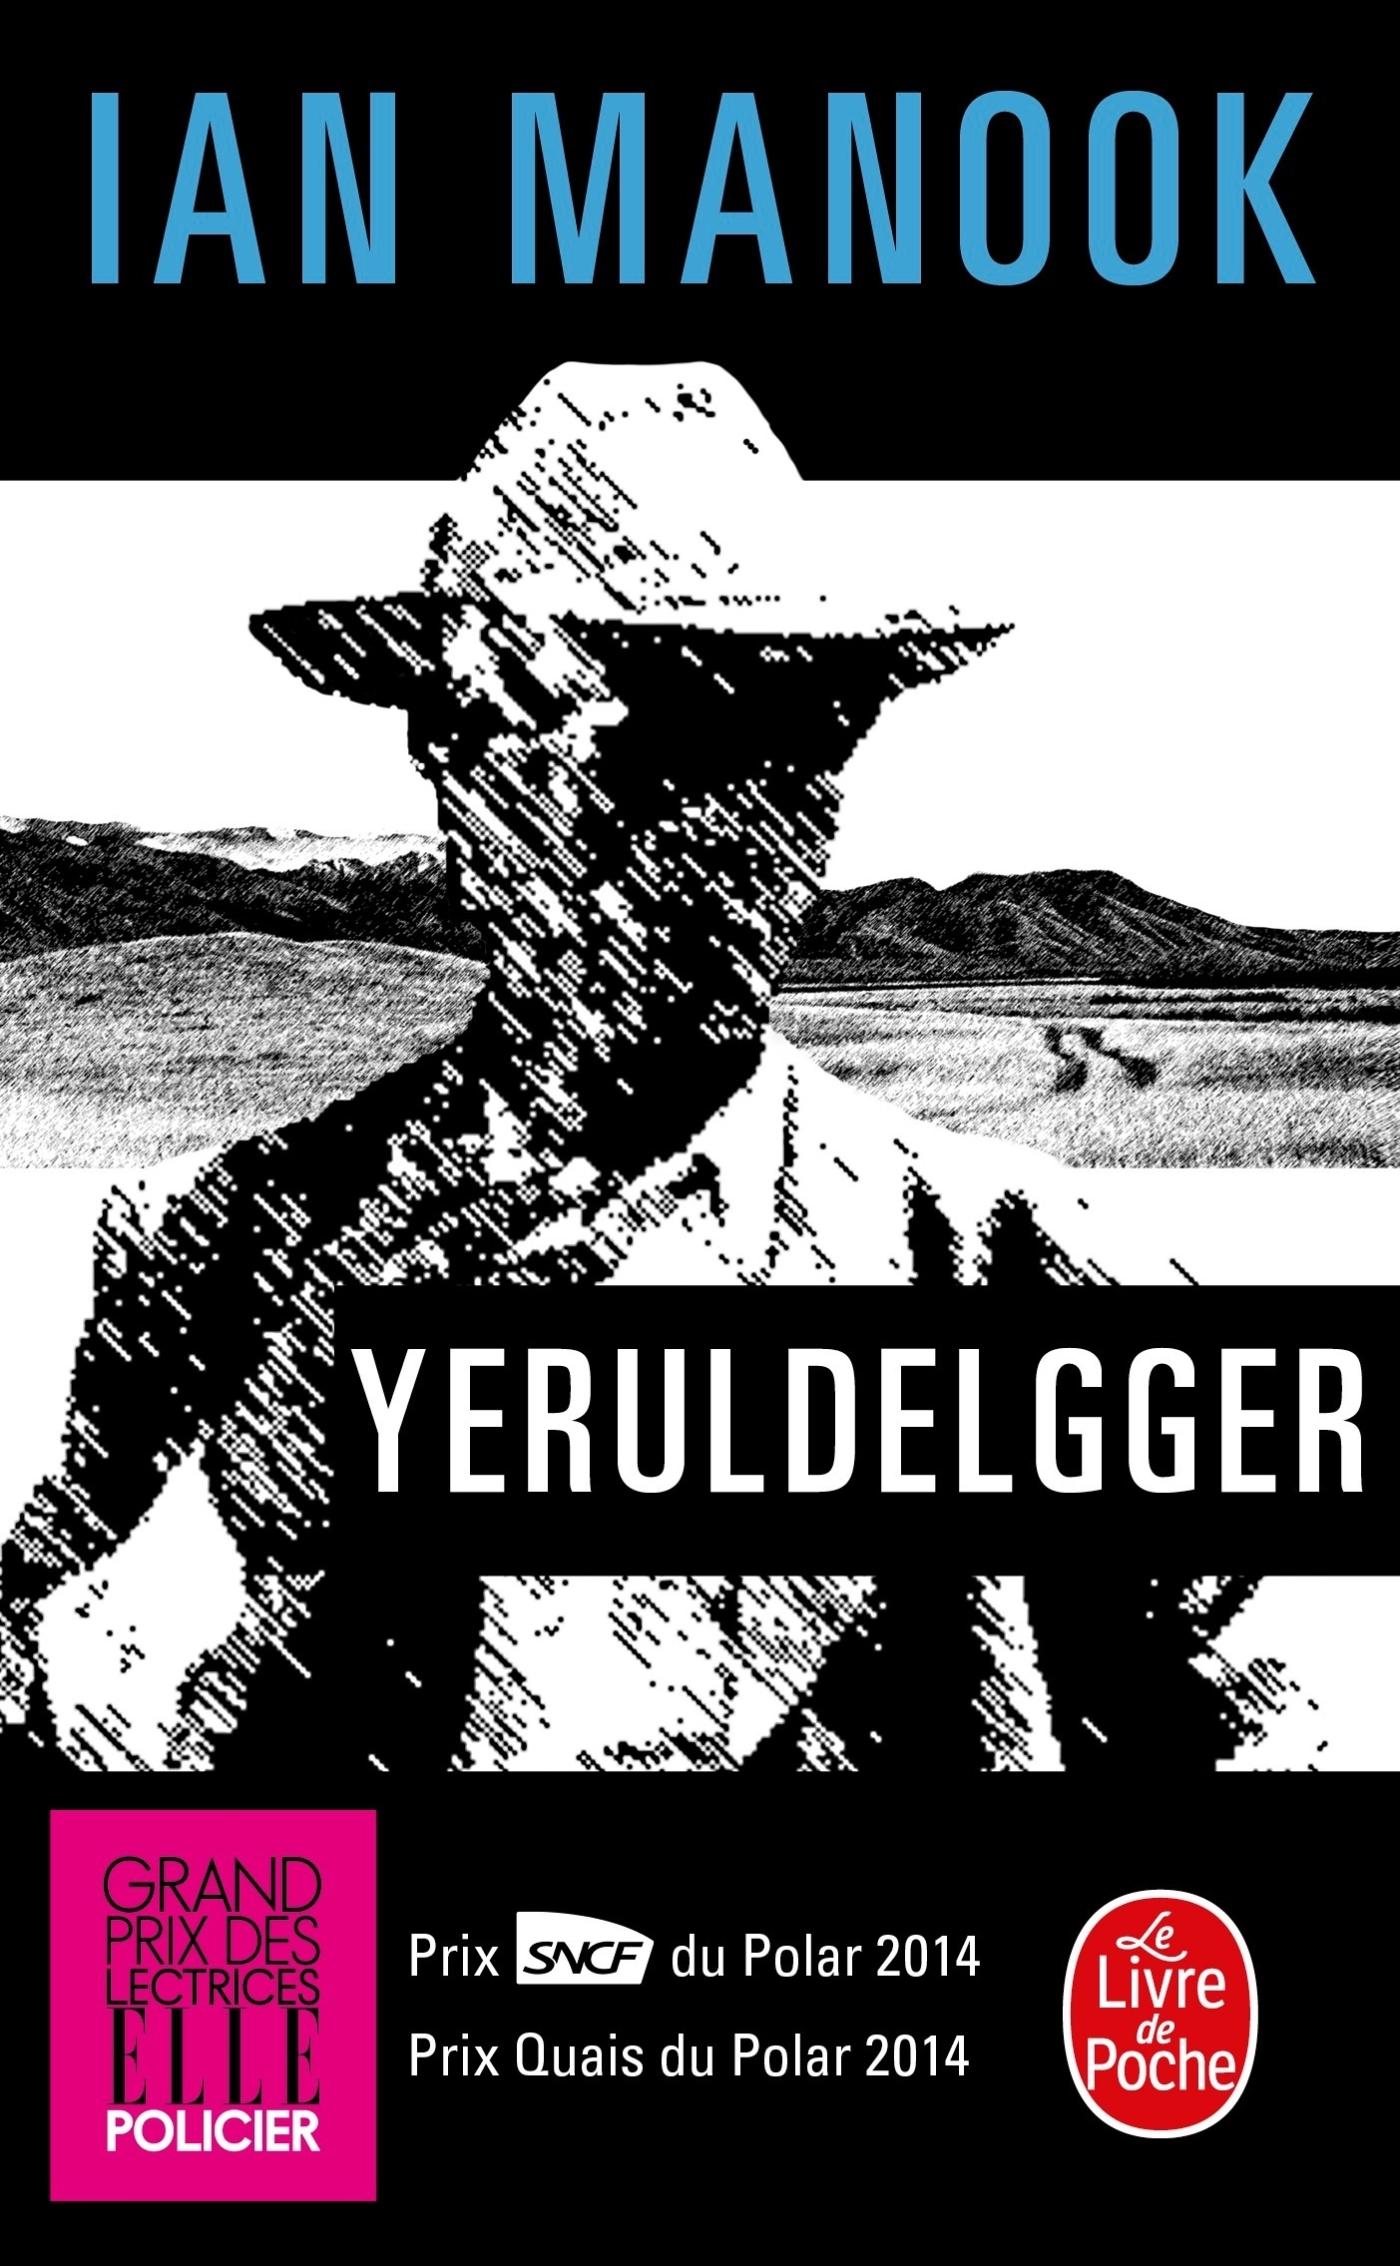 YERULDELGGER